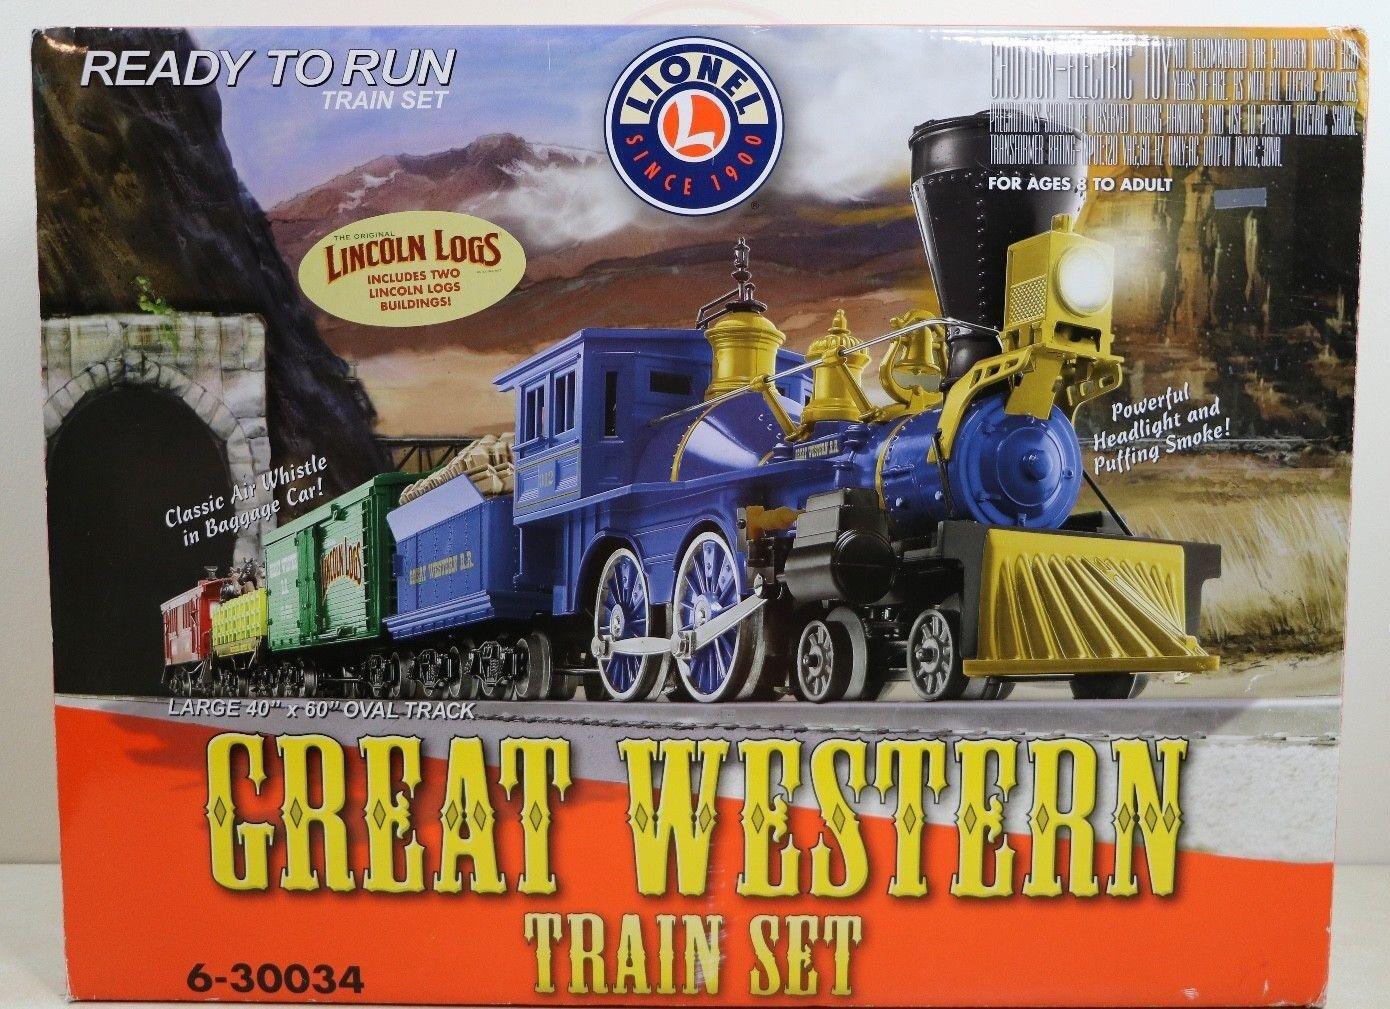 Tren Lionel Great Western o calibre Set 6-34 expansión de carga con Lincoln Logs